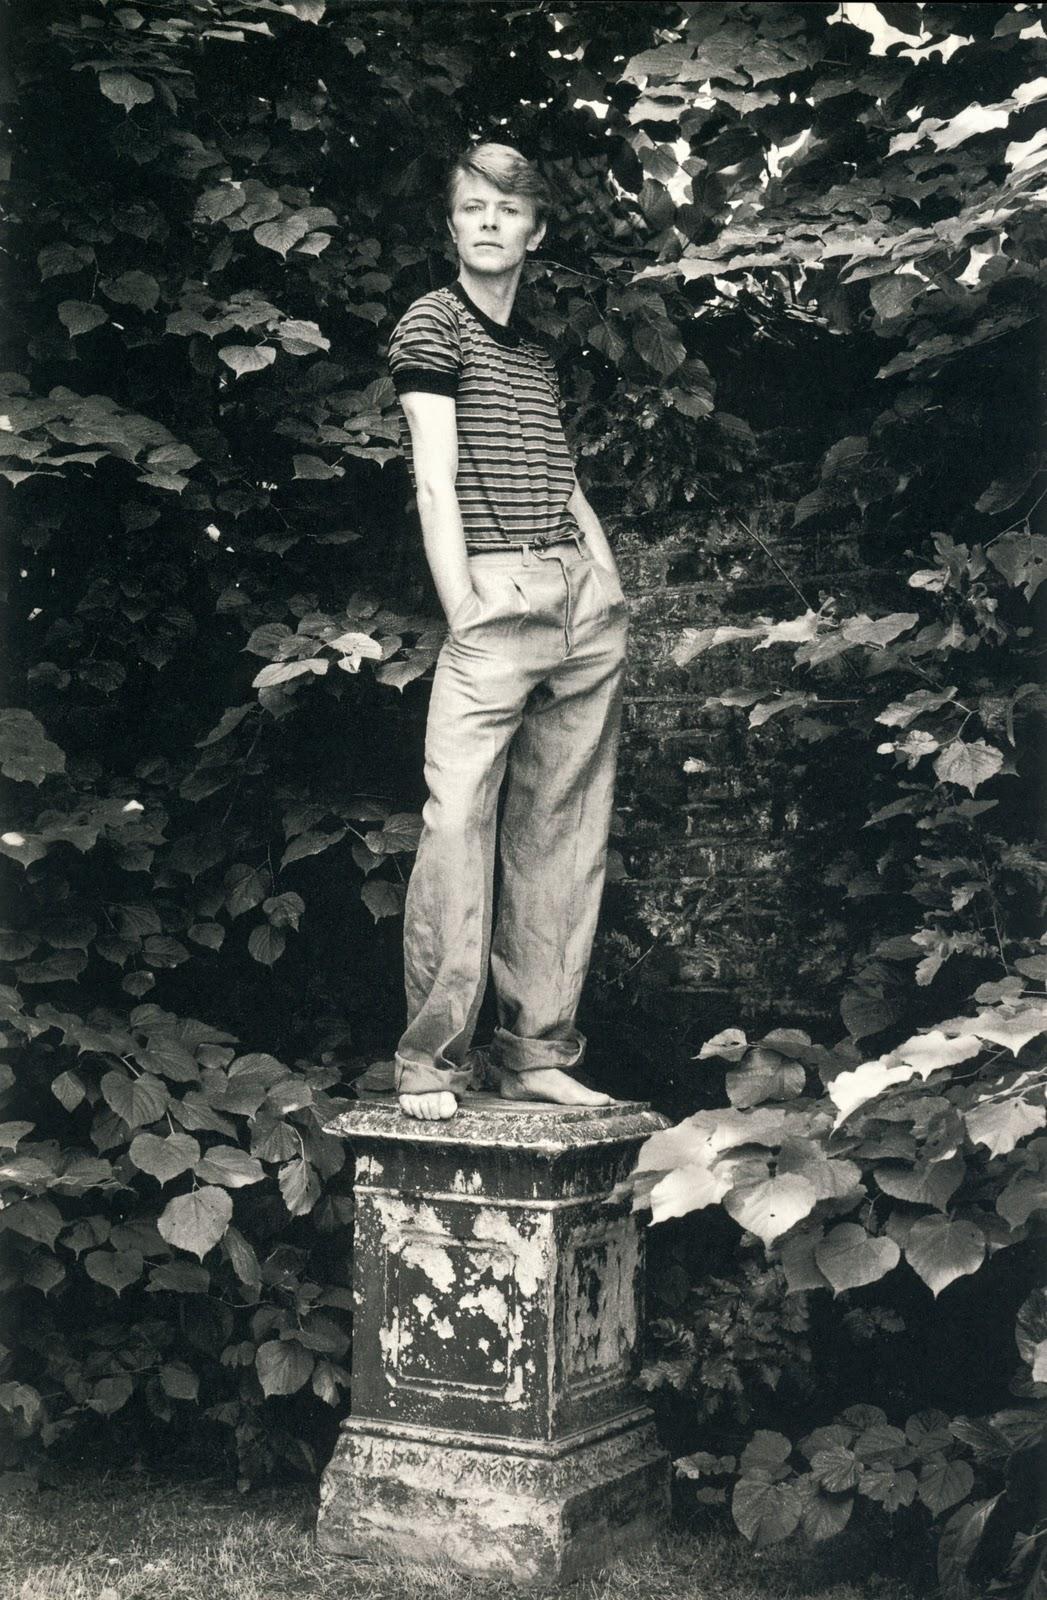 David Bowie retratado por Lord Snowdon, 1978